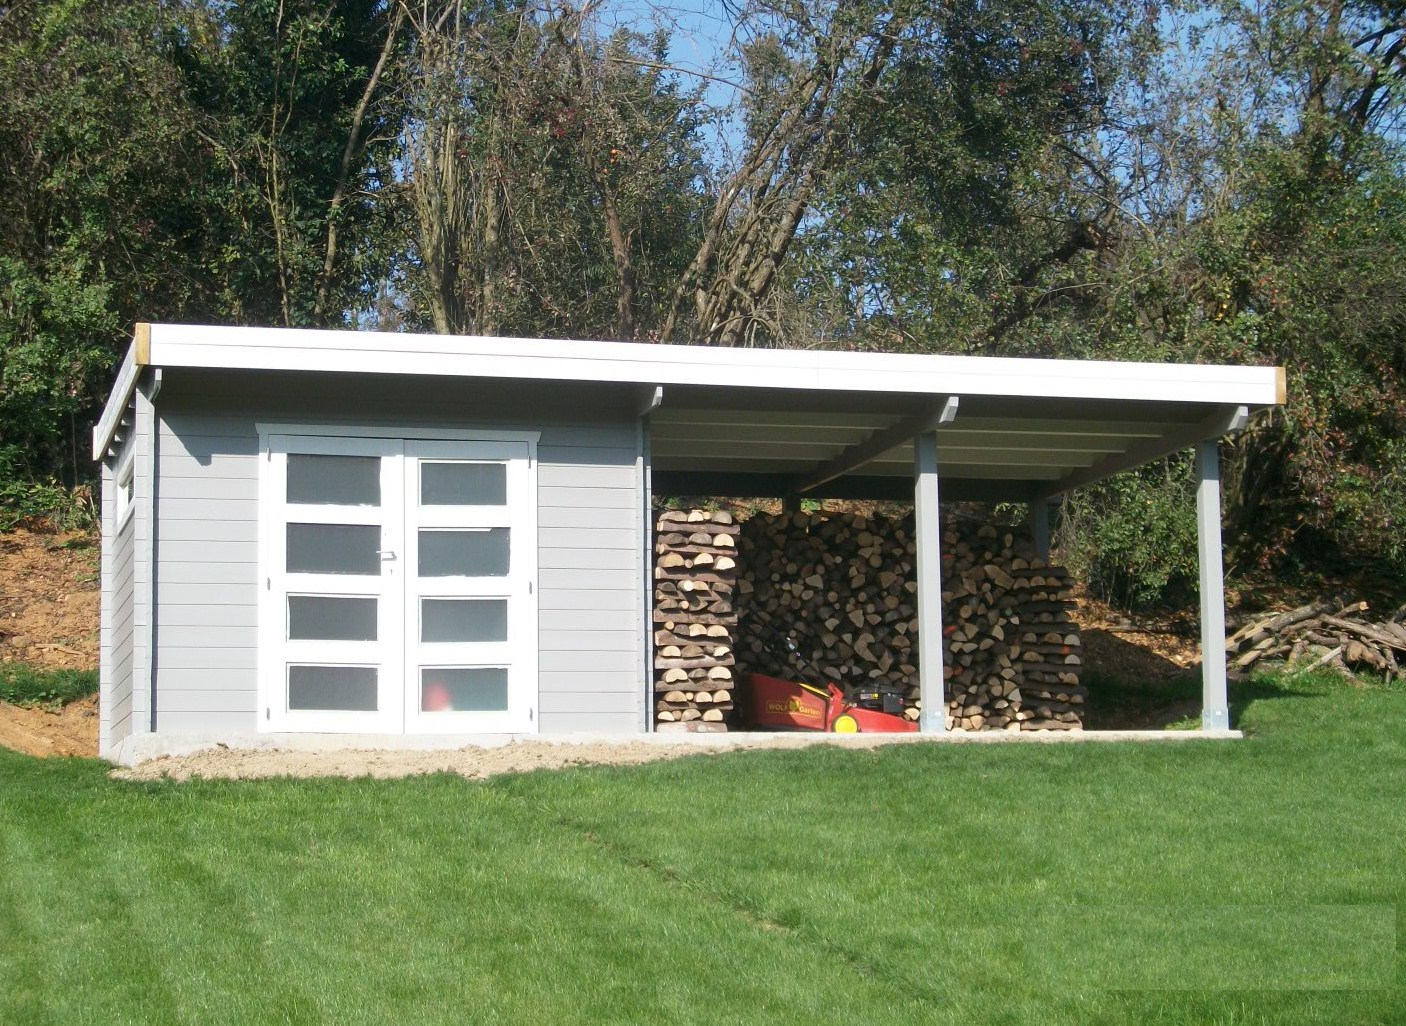 Cabane de jardin belgique - Abri de jardin et balancoire idée